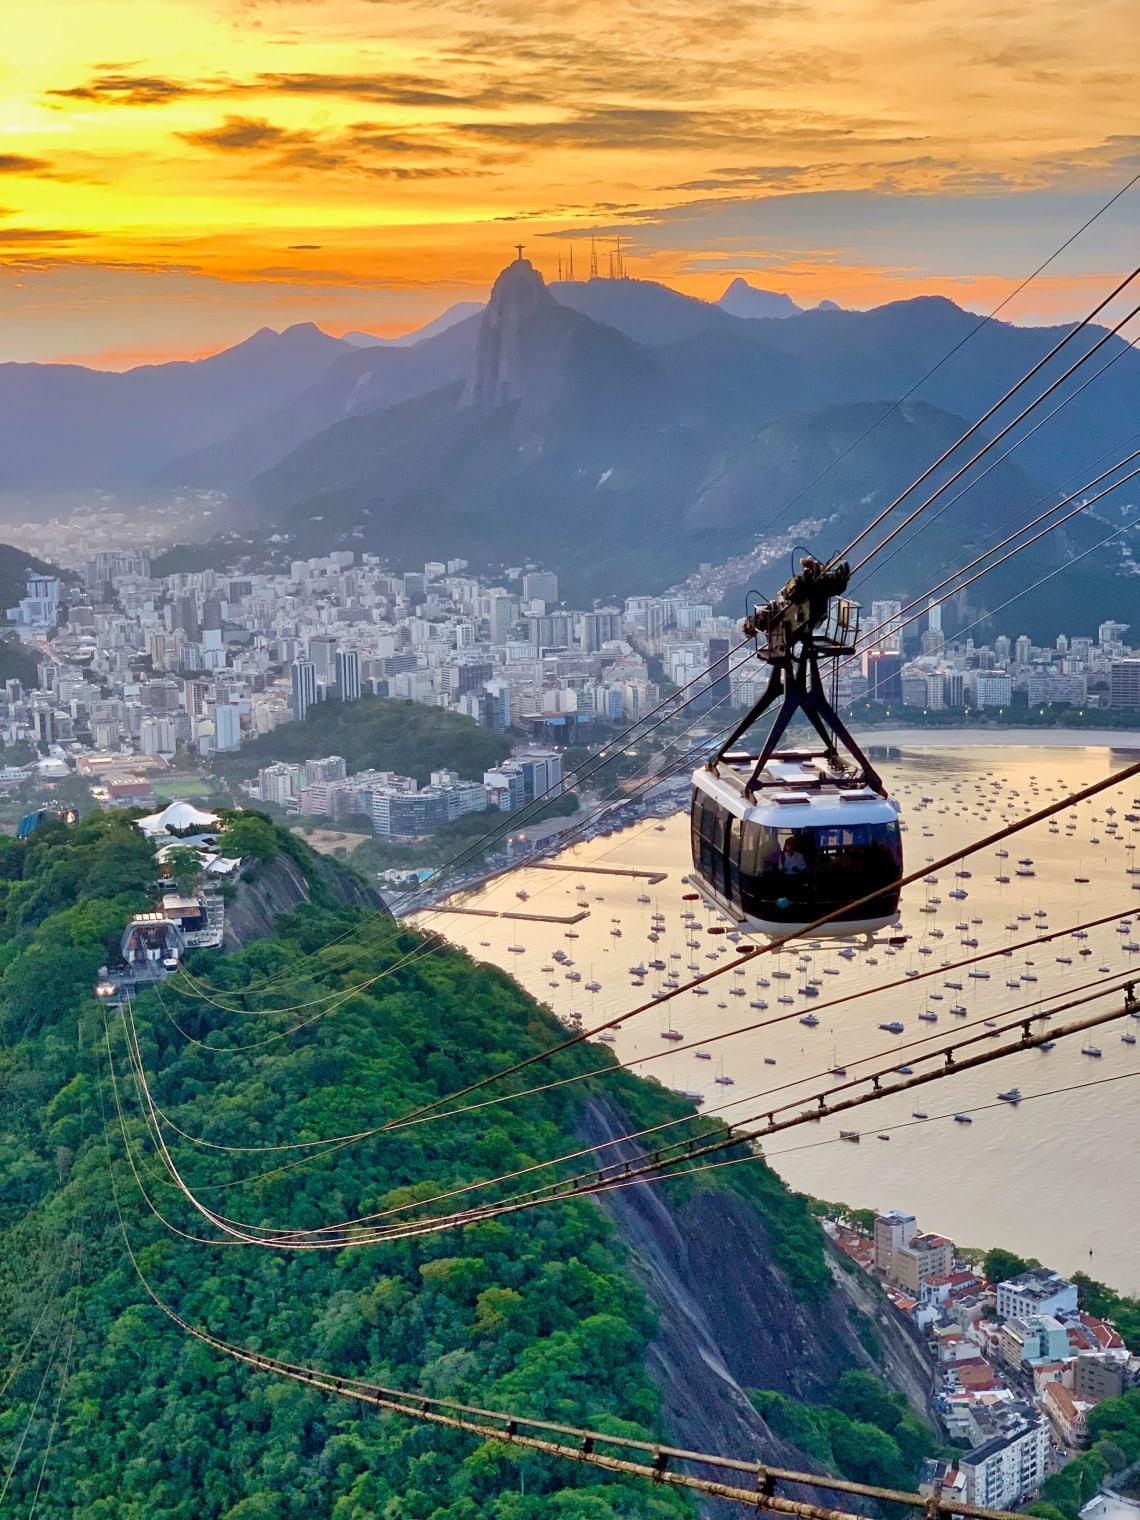 Bondinho do Pao de Acucar, Rio de Janeiro travel, Brazil